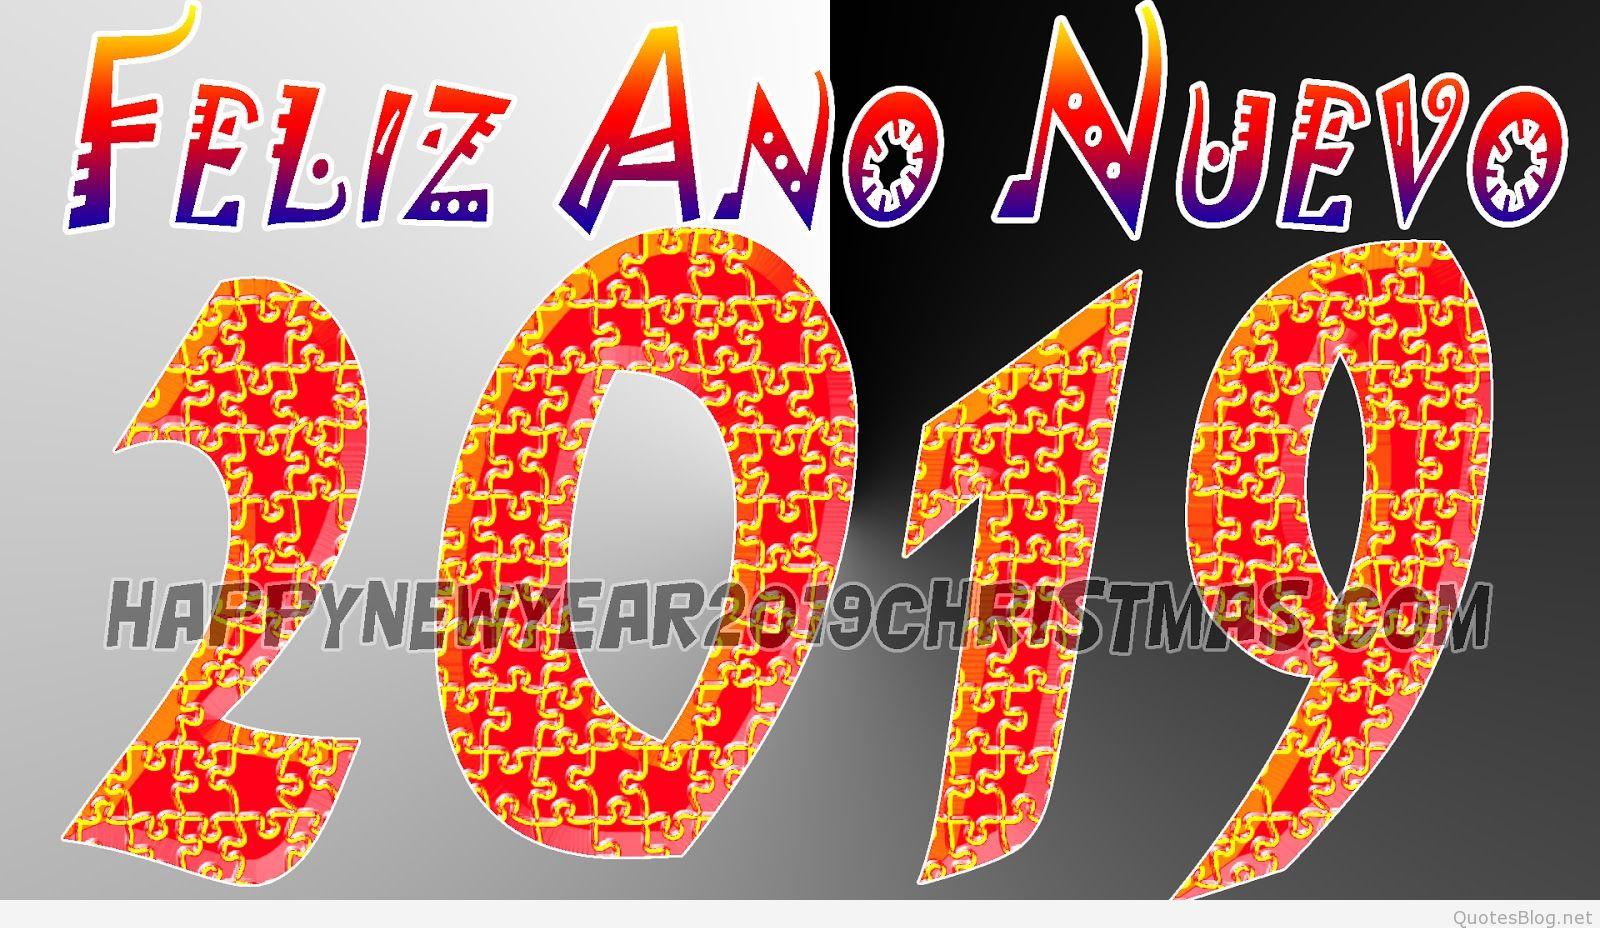 Happy New Year in Spanish Images. Feliz Año Nuevo Imagenes..